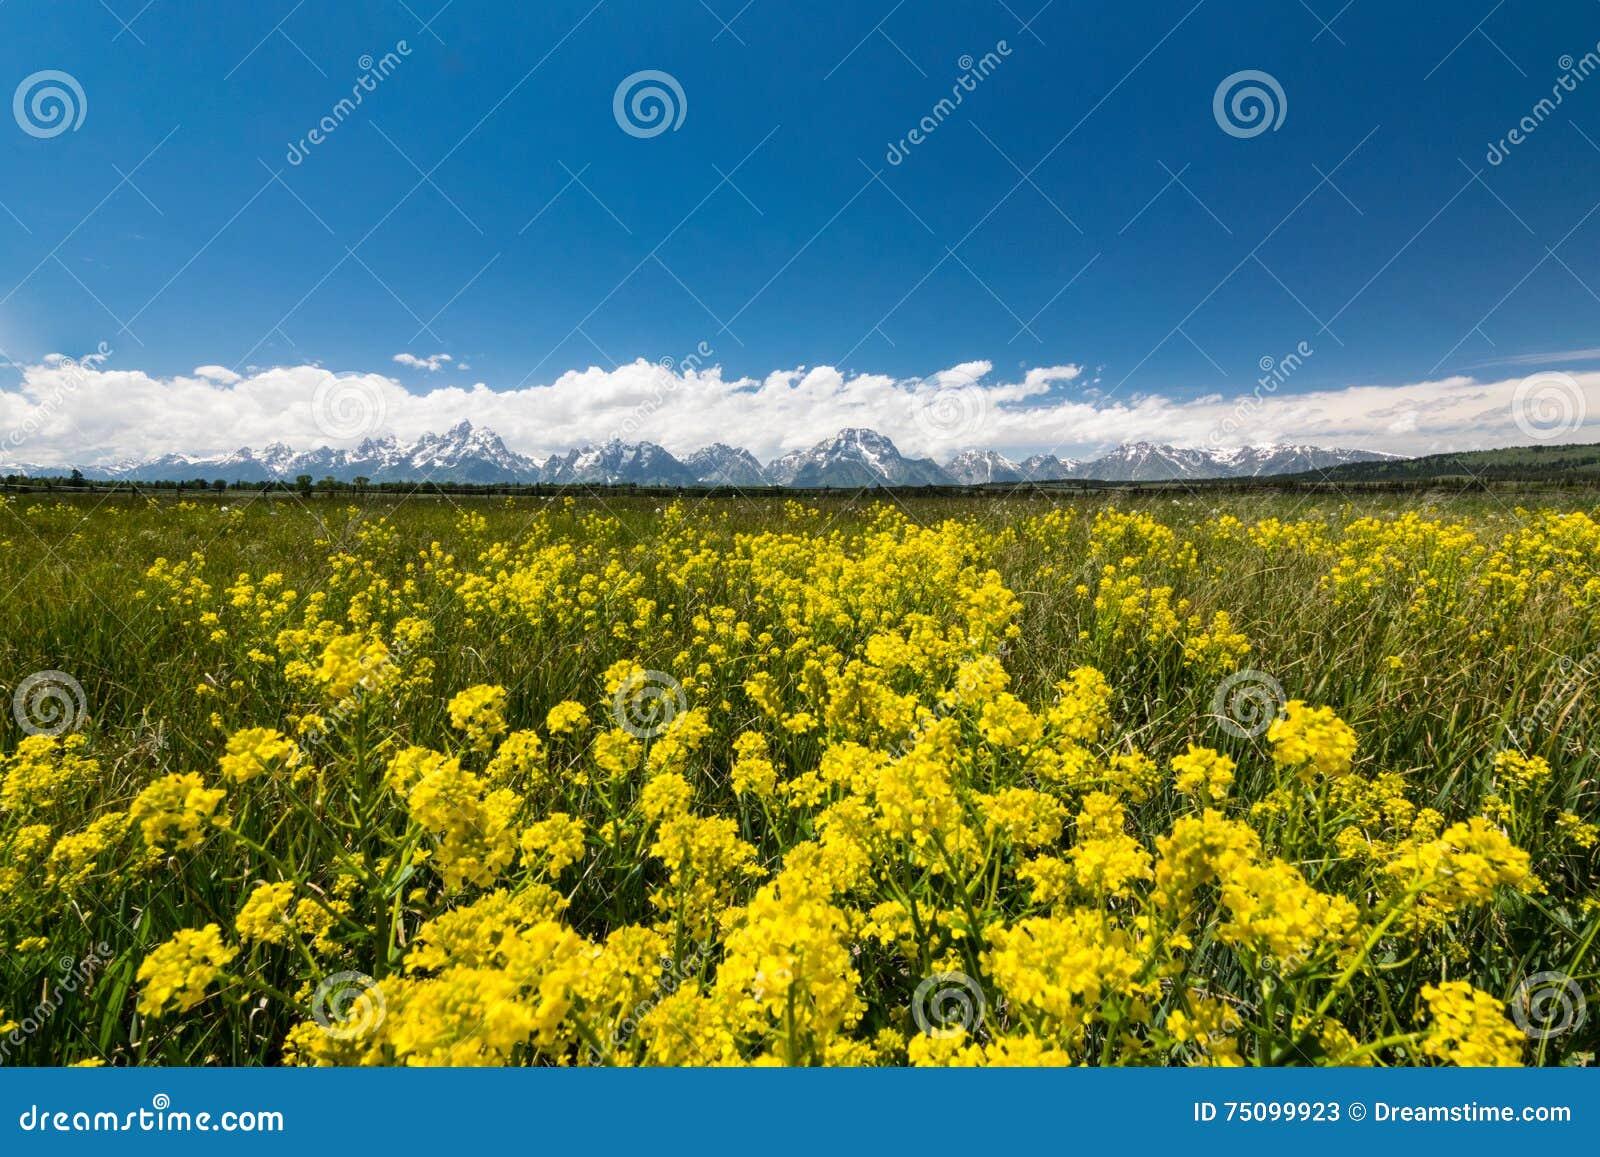 Желтые луга на грандиозном национальном парке teton